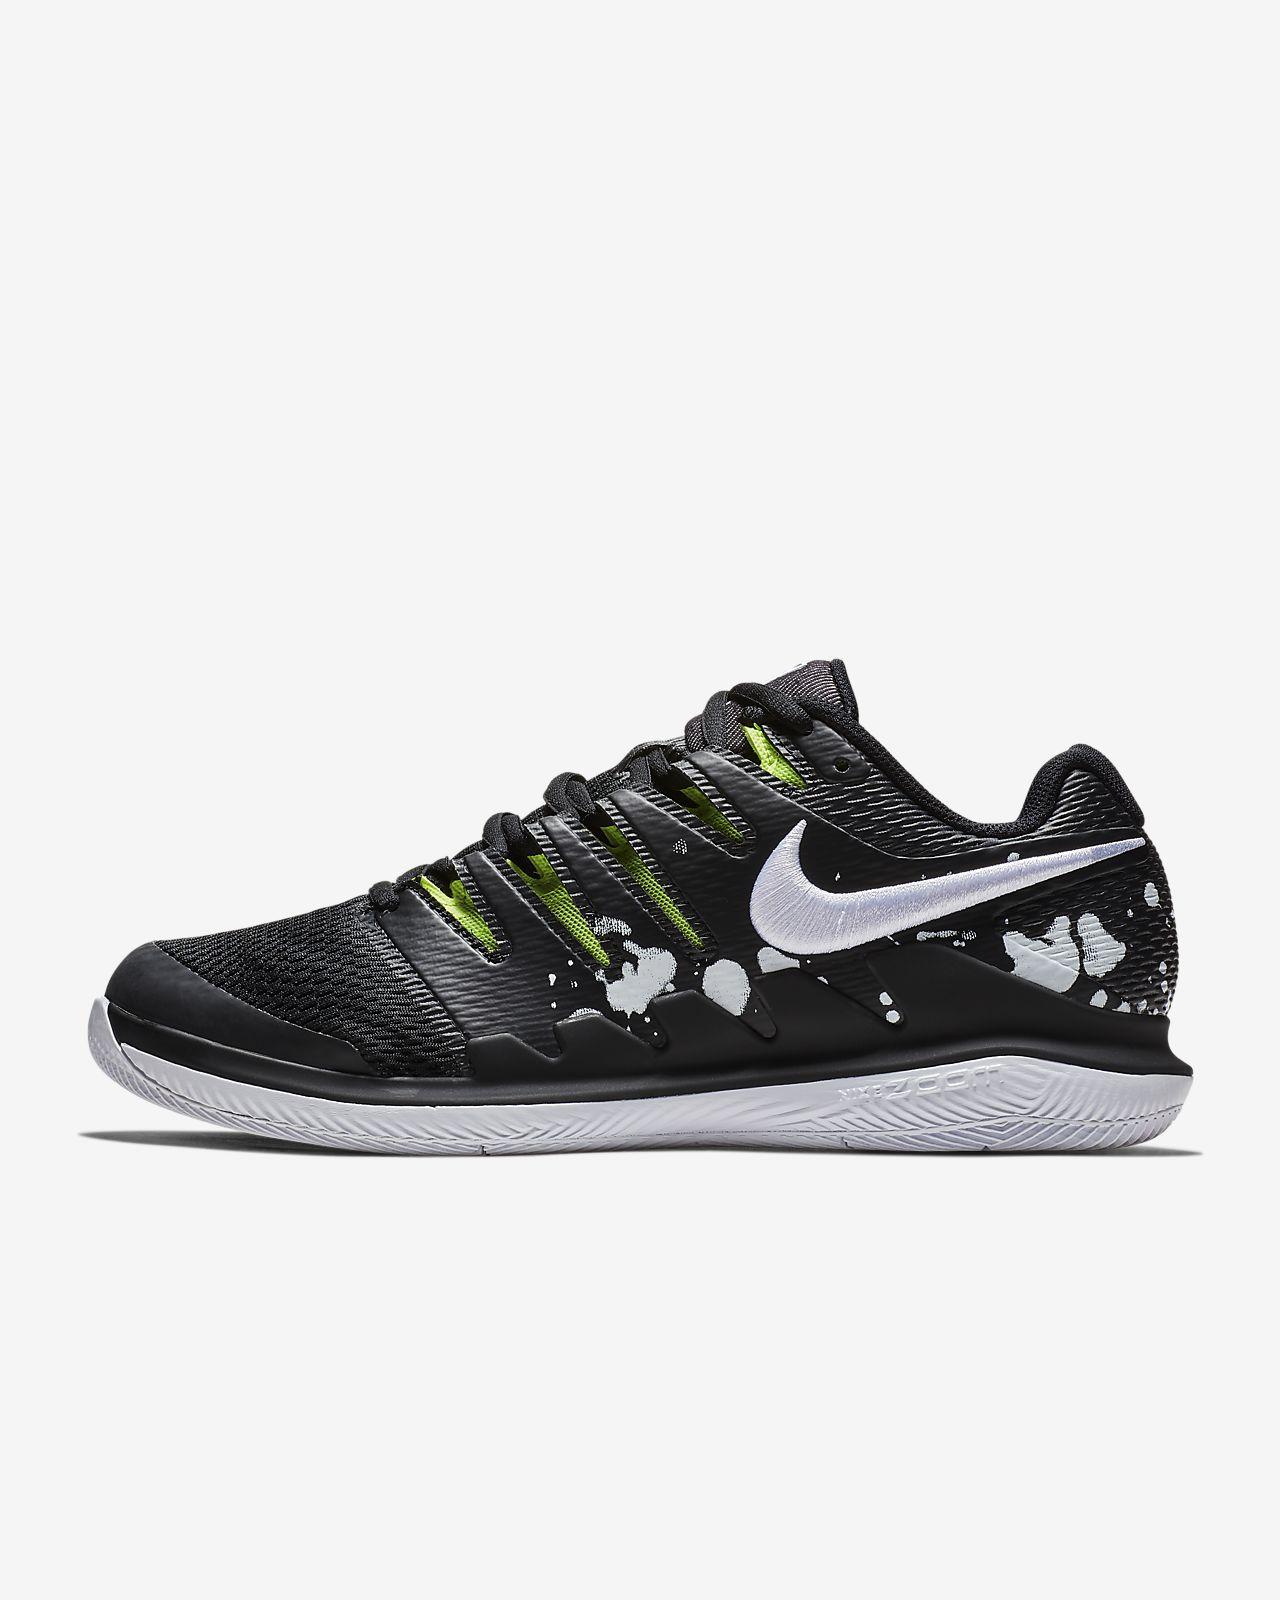 premium selection 5210d 94657 ... Chaussure de tennis NikeCourt Air Zoom Vapor X Premium Hard Court pour  Homme